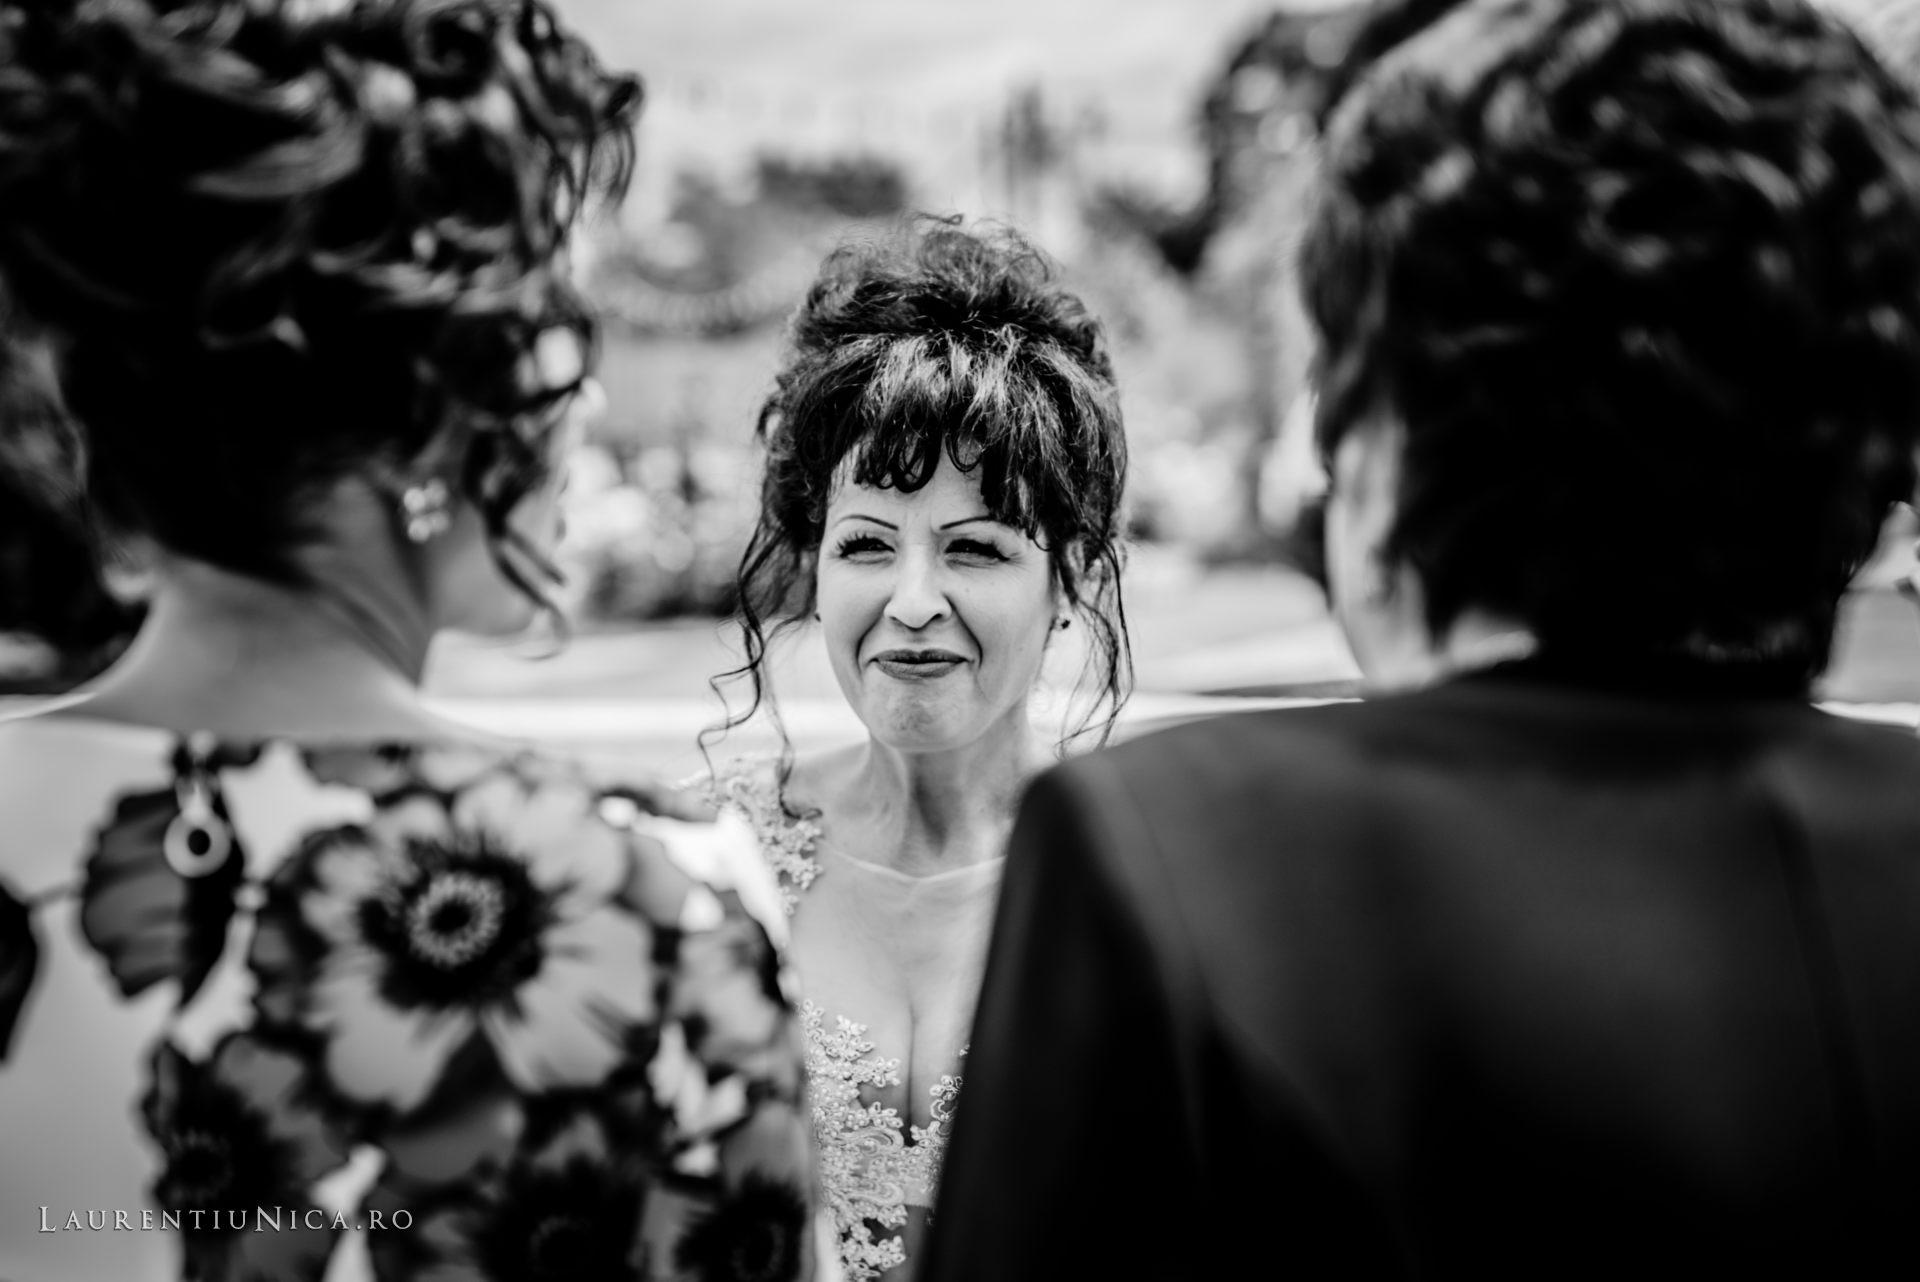 denisa si catalin fotograf nunta laurentiu nica craiova 07 - Denisa si Catalin | Fotografii nunta | Craiova